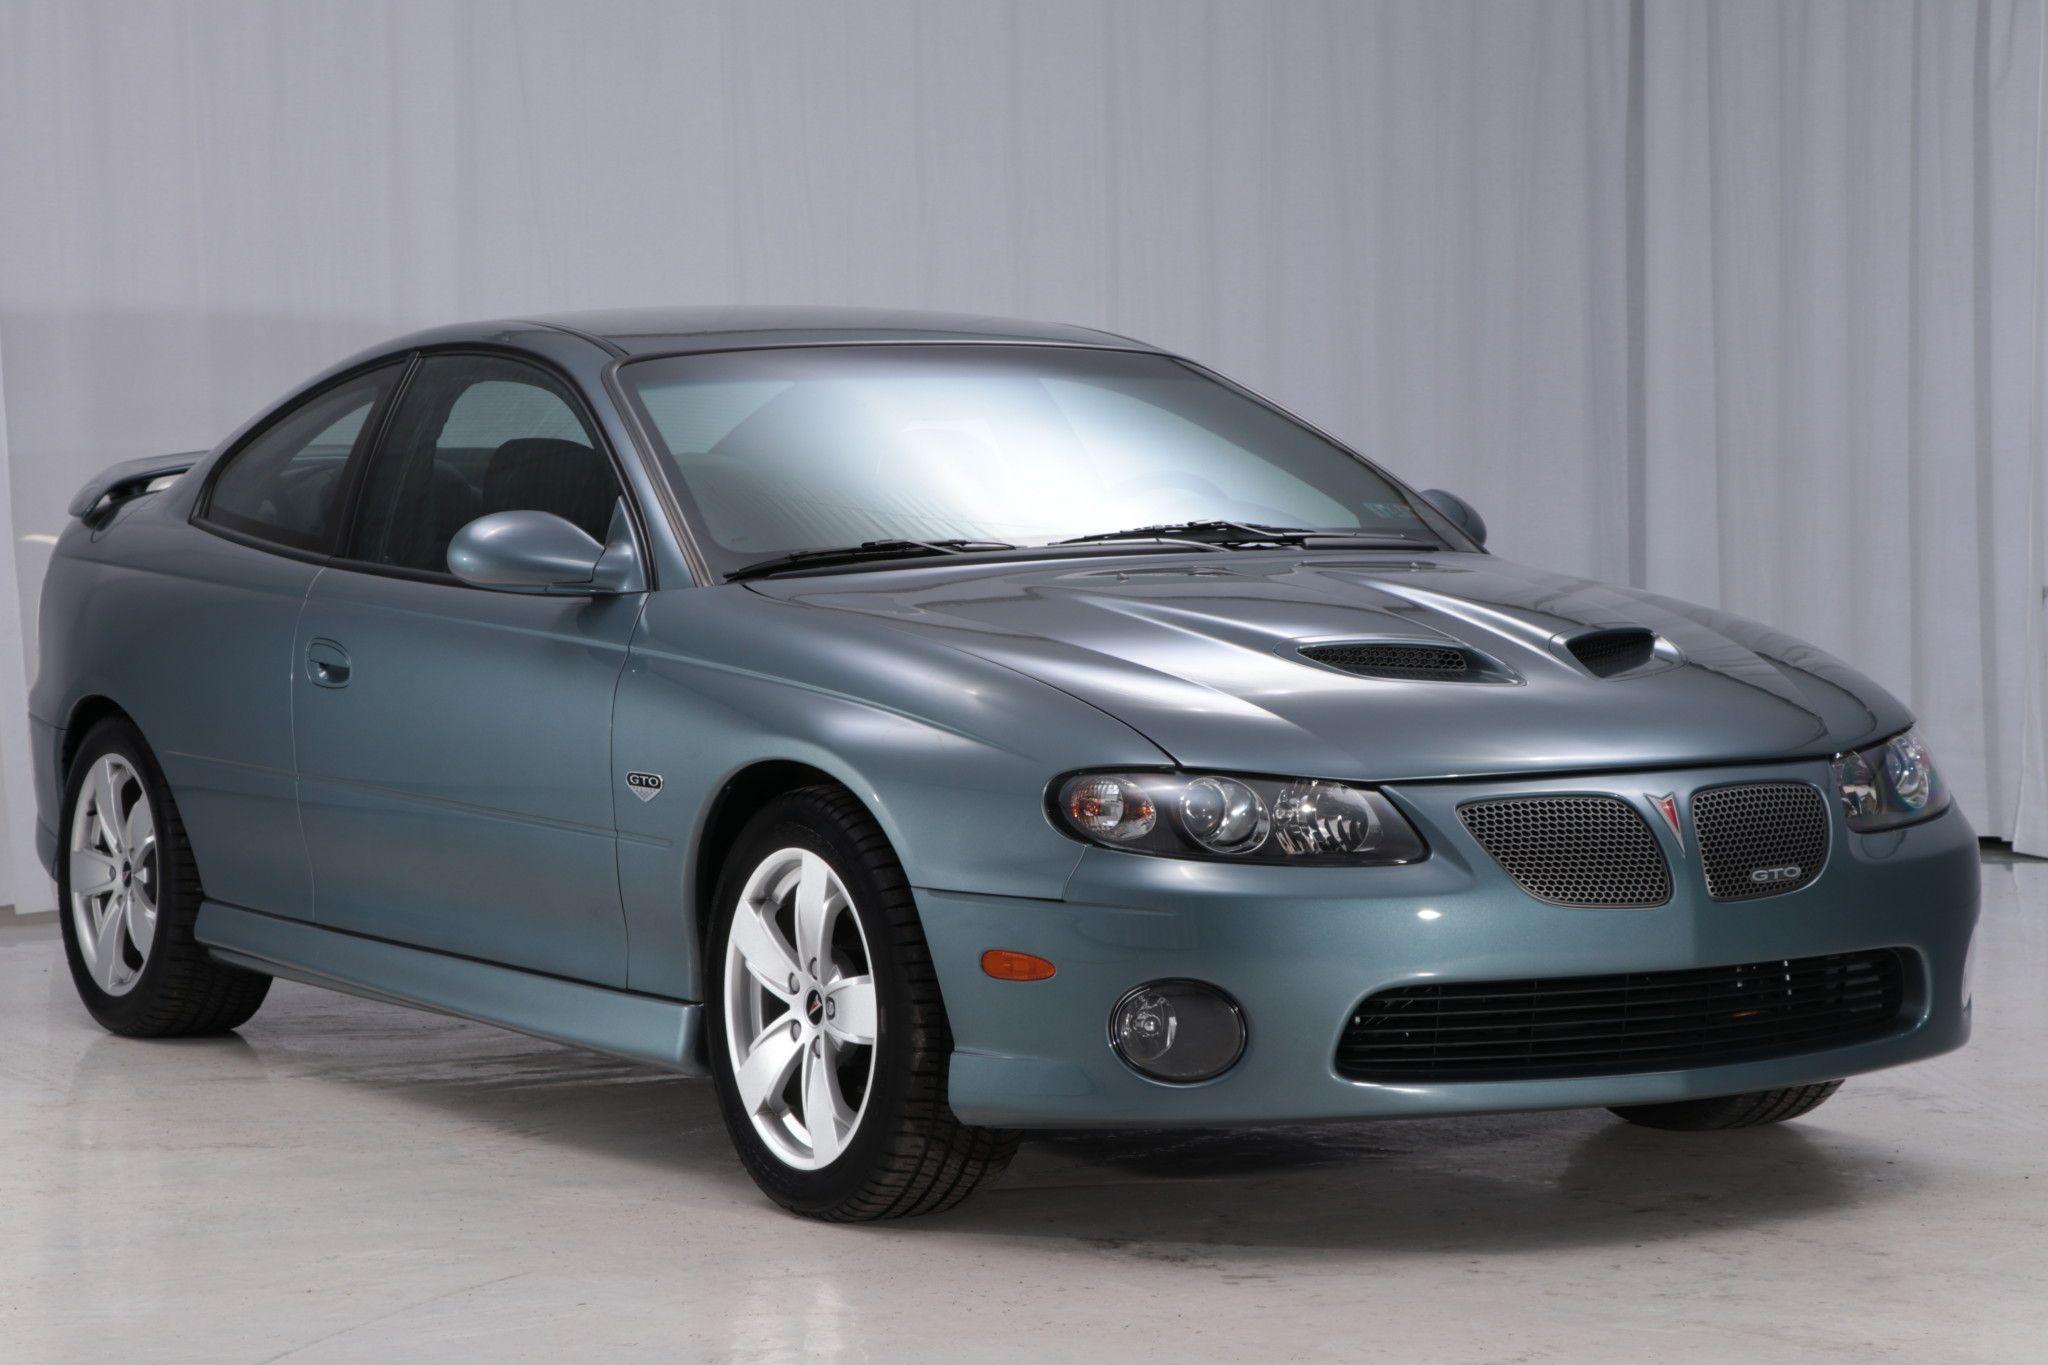 500Mile 2006 Pontiac GTO 6Speed 2006 pontiac gto